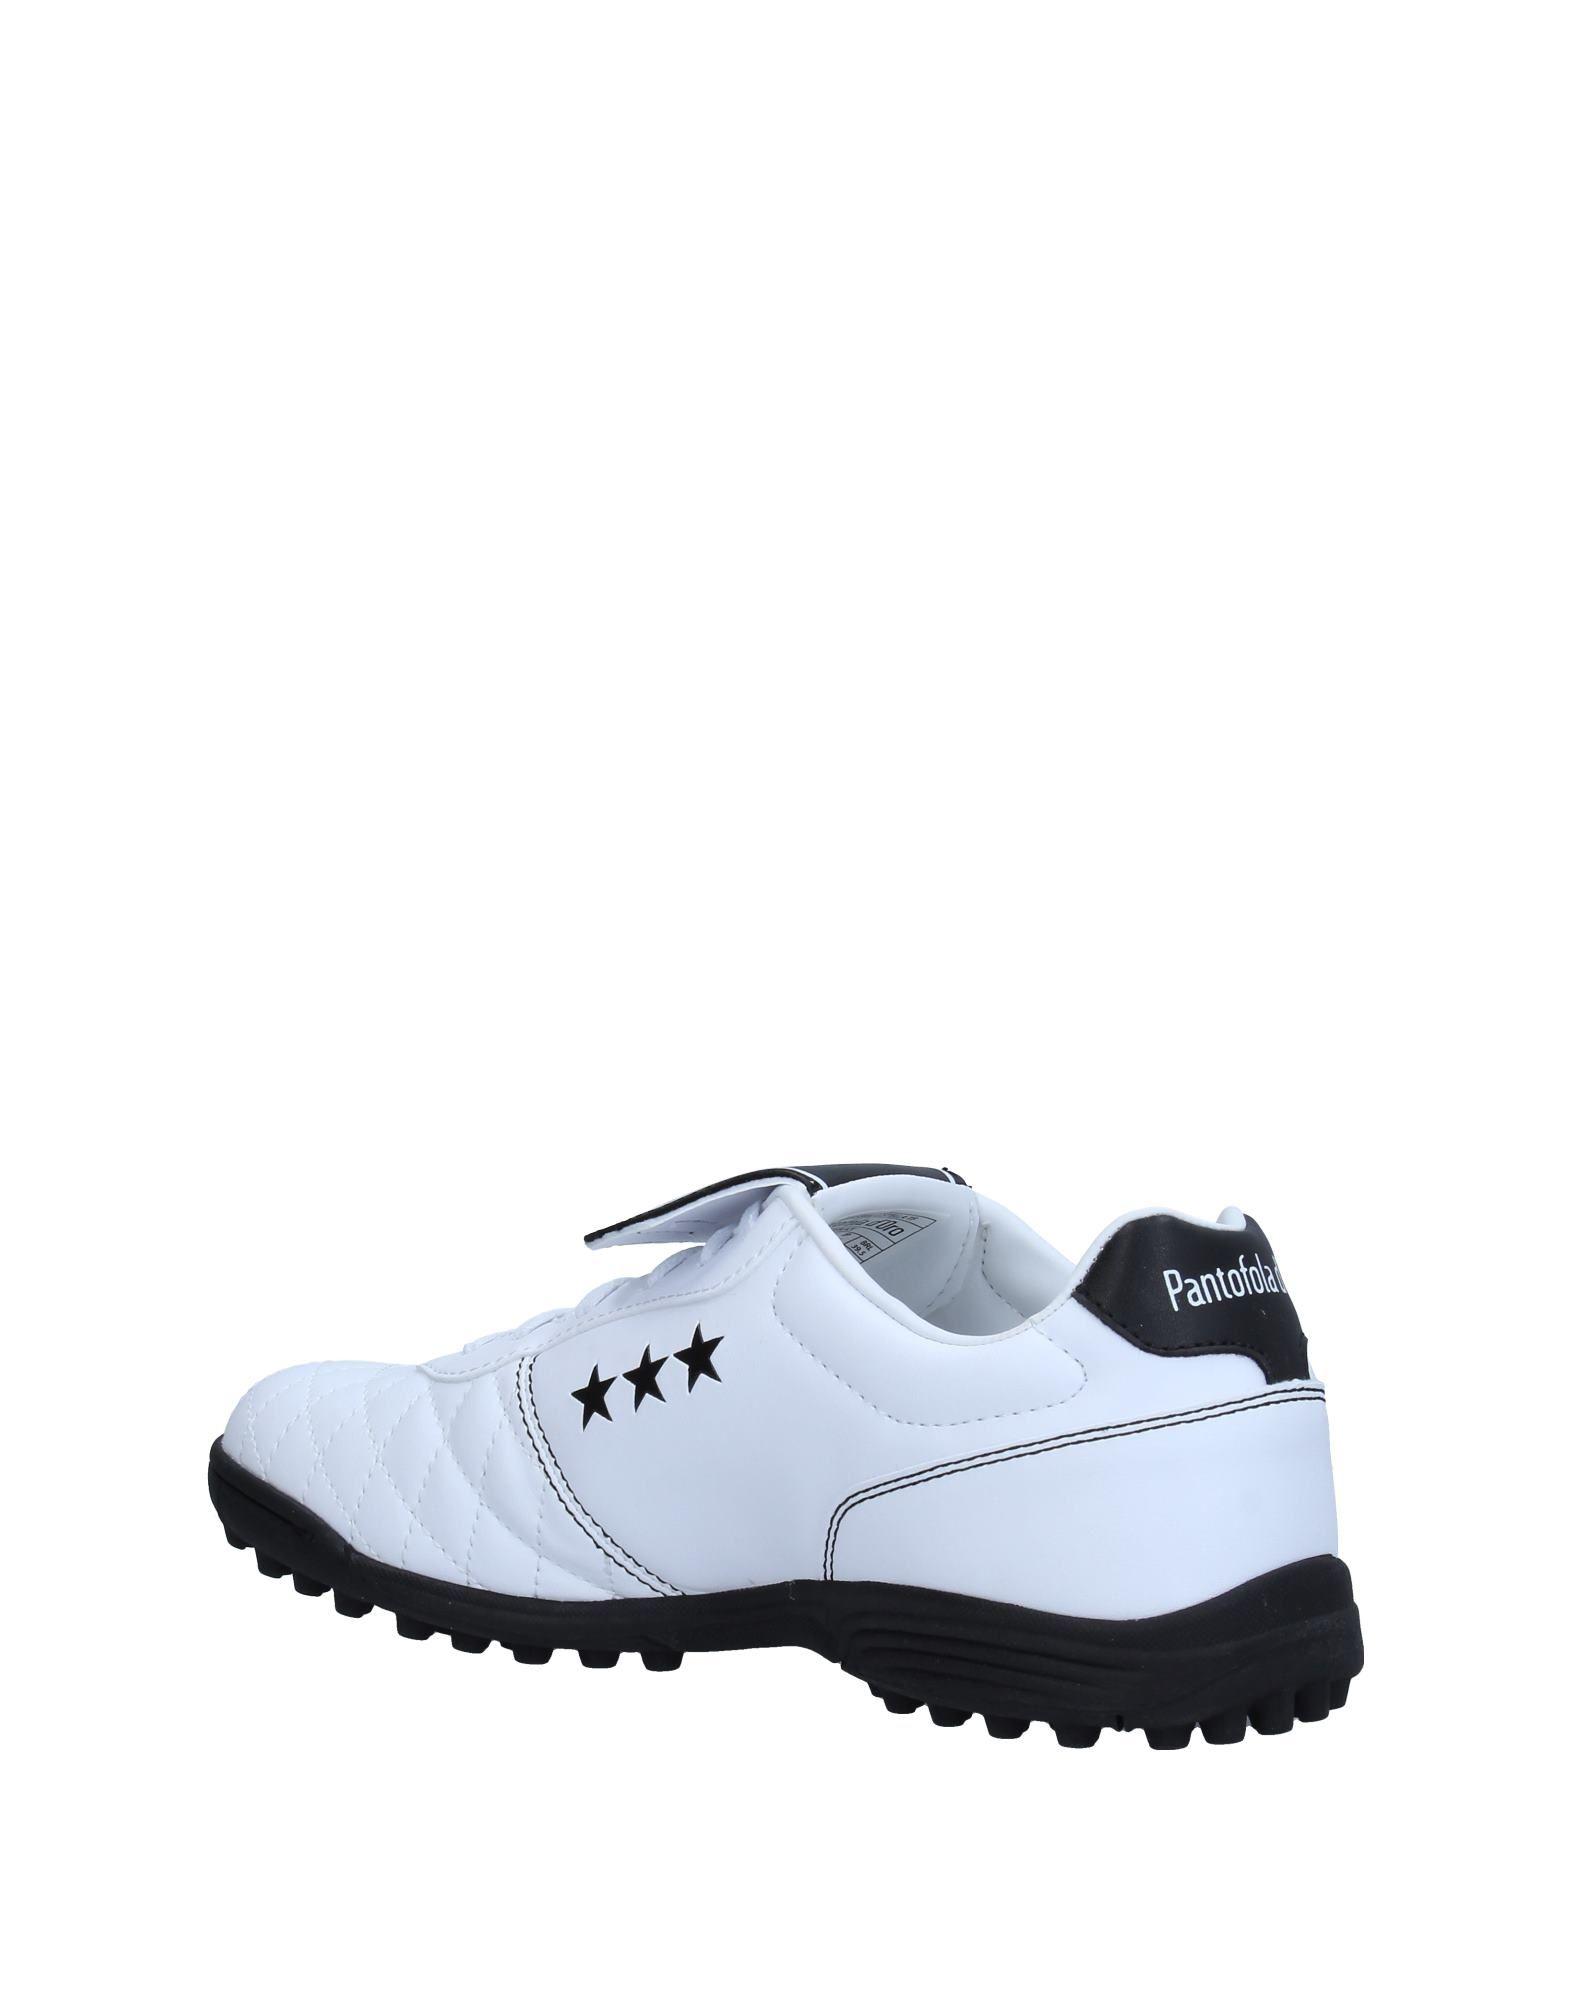 Rabatt  echte Schuhe Pantofola D'oro Sneakers Herren  Rabatt 11338622JF 694c51